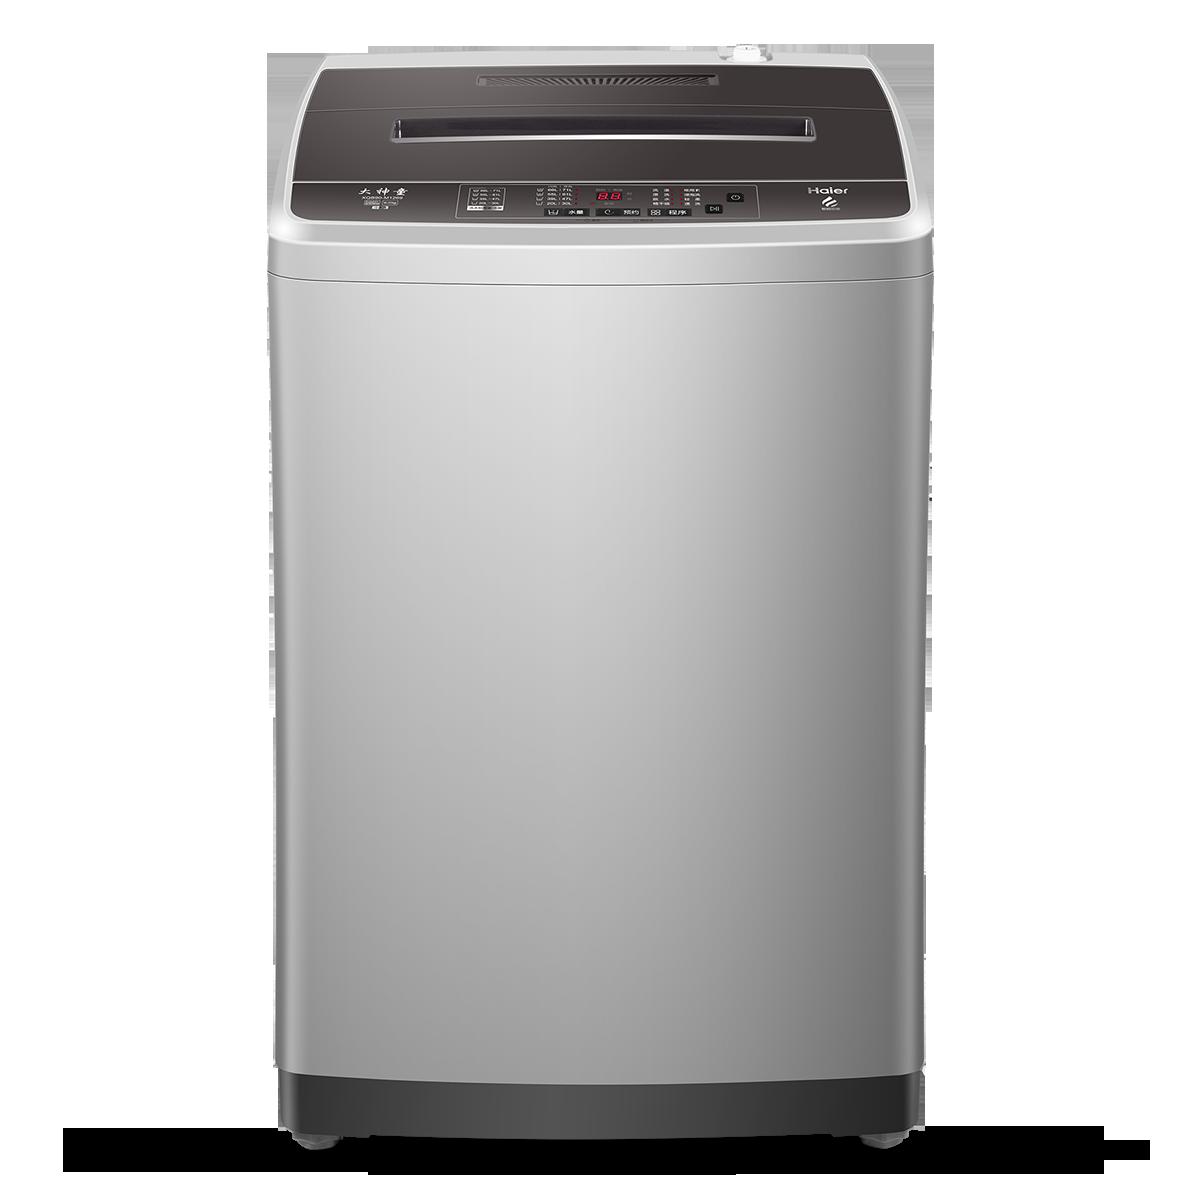 海尔Haier洗衣机 XQB90-M1269 说明书